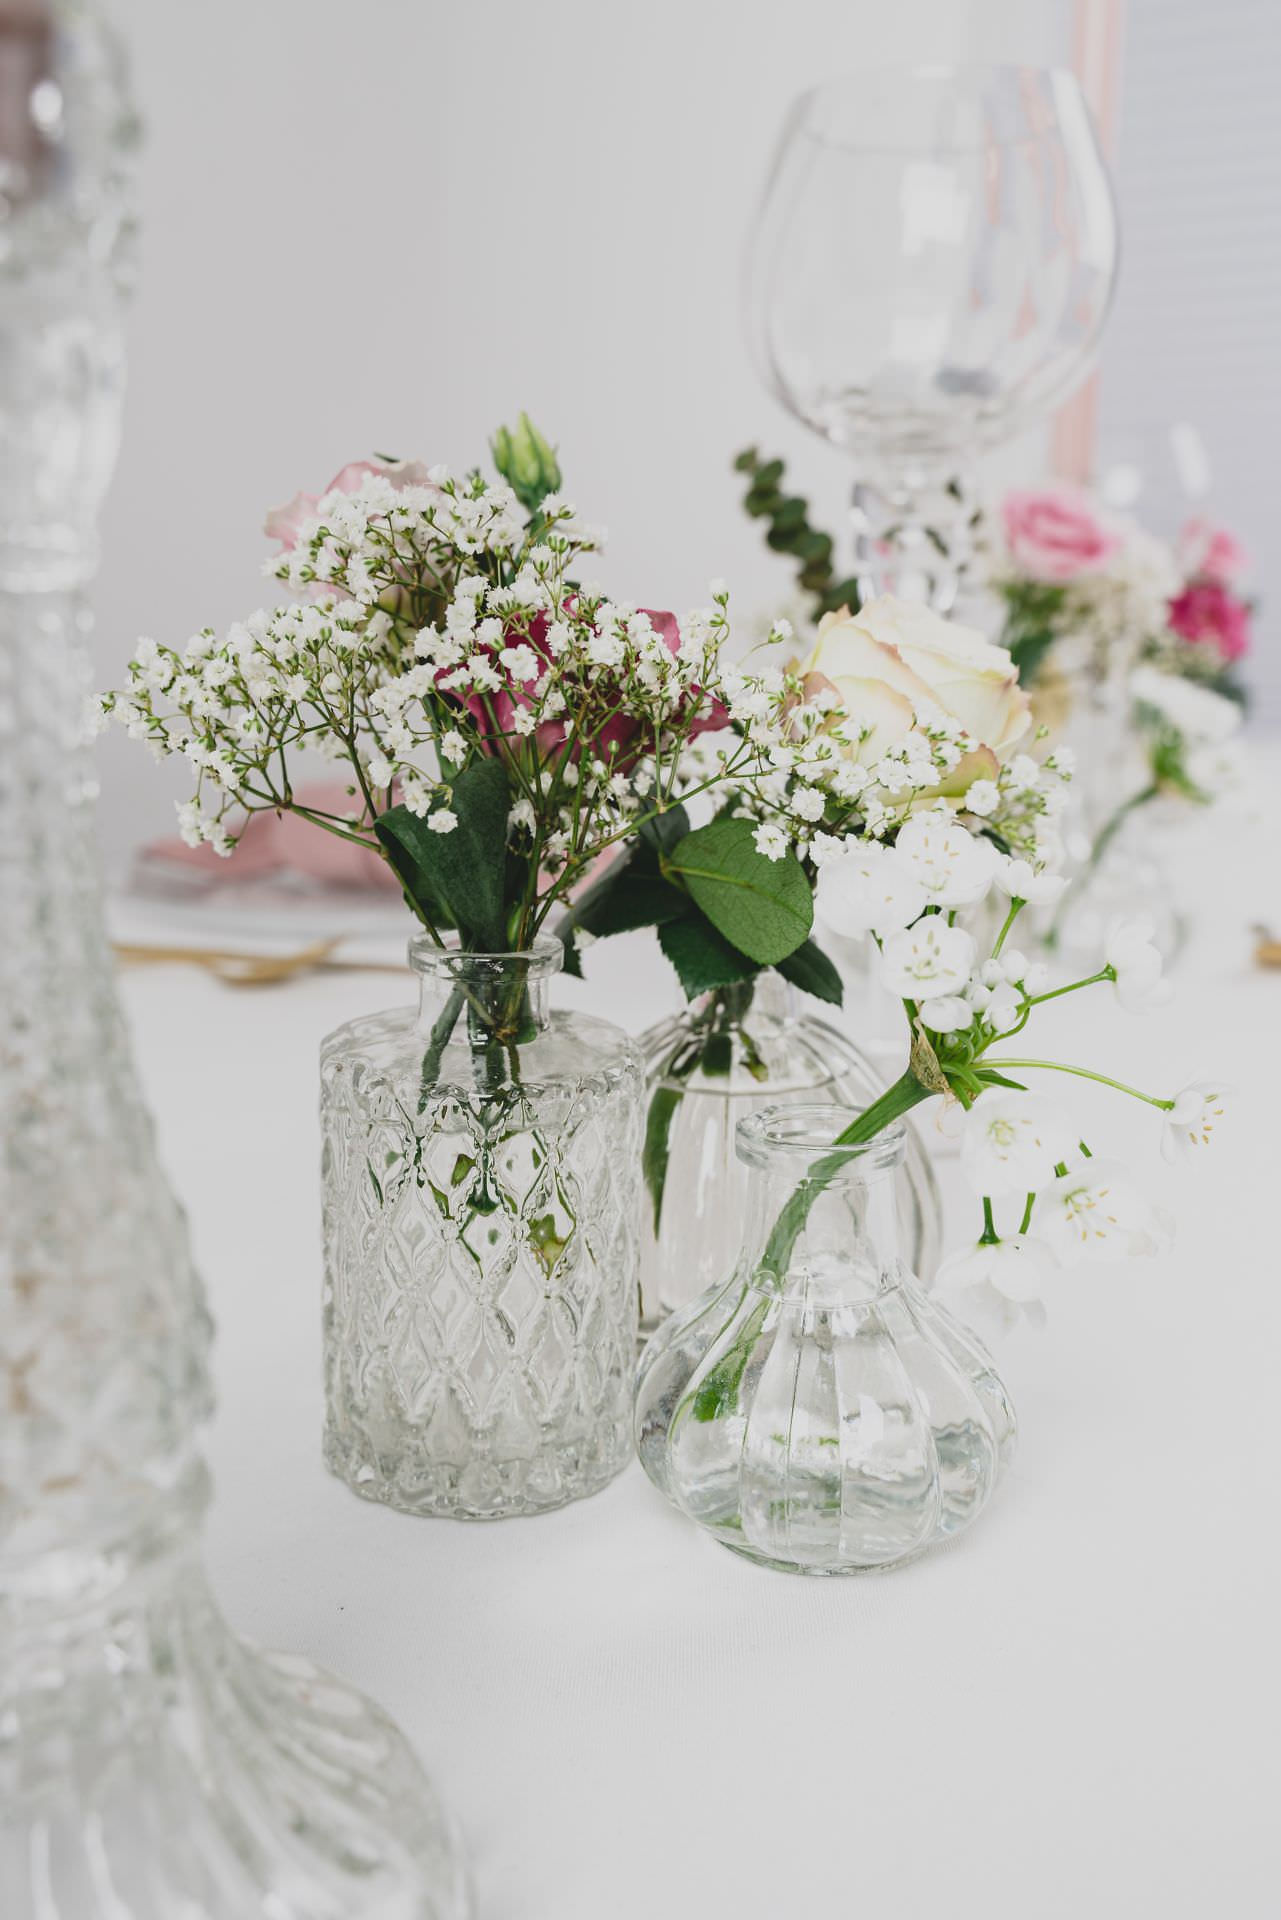 kleine Vasen aus Glas unterschiedlich geschliffen kann im Dekoverleih schön anders gemietet werden